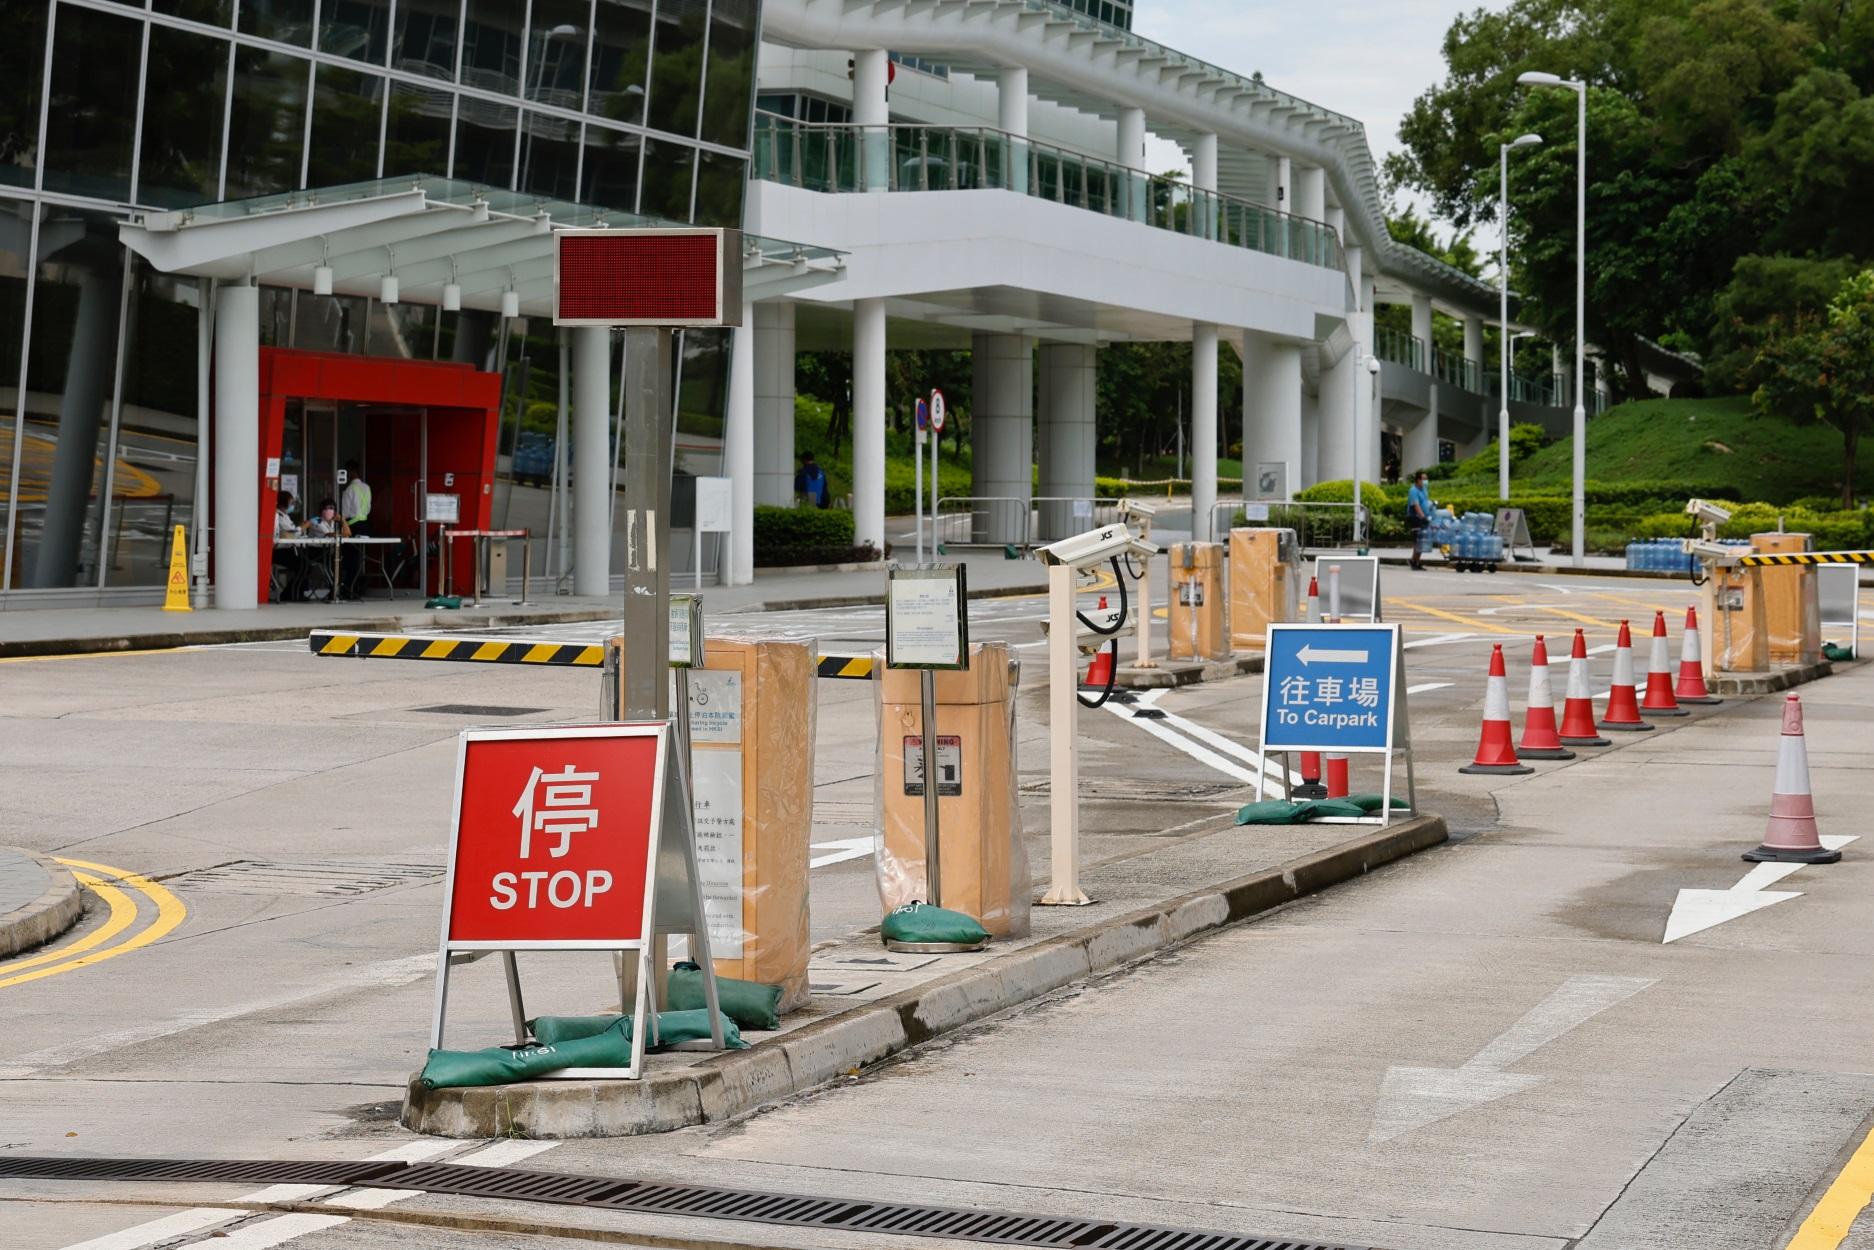 Κορονοϊός: Μετά τα γυμναστήρια ανοίγουν ξανά οι πισίνες και τα μπαρ στο Χονγκ Κονγκ